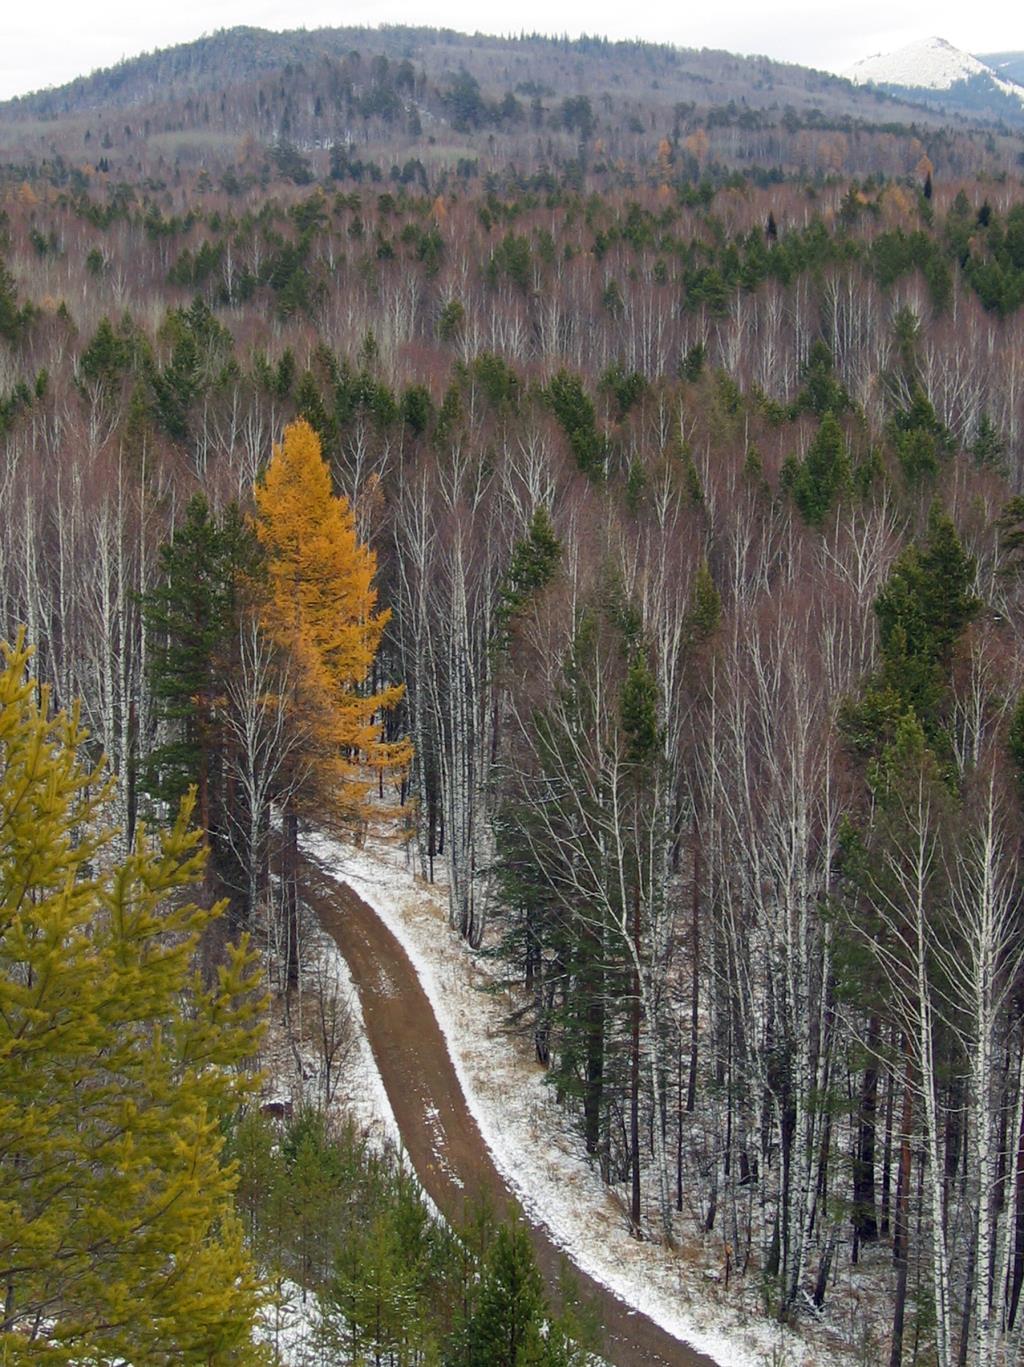 Осенняя дорога. Блиц: осенний пейзаж